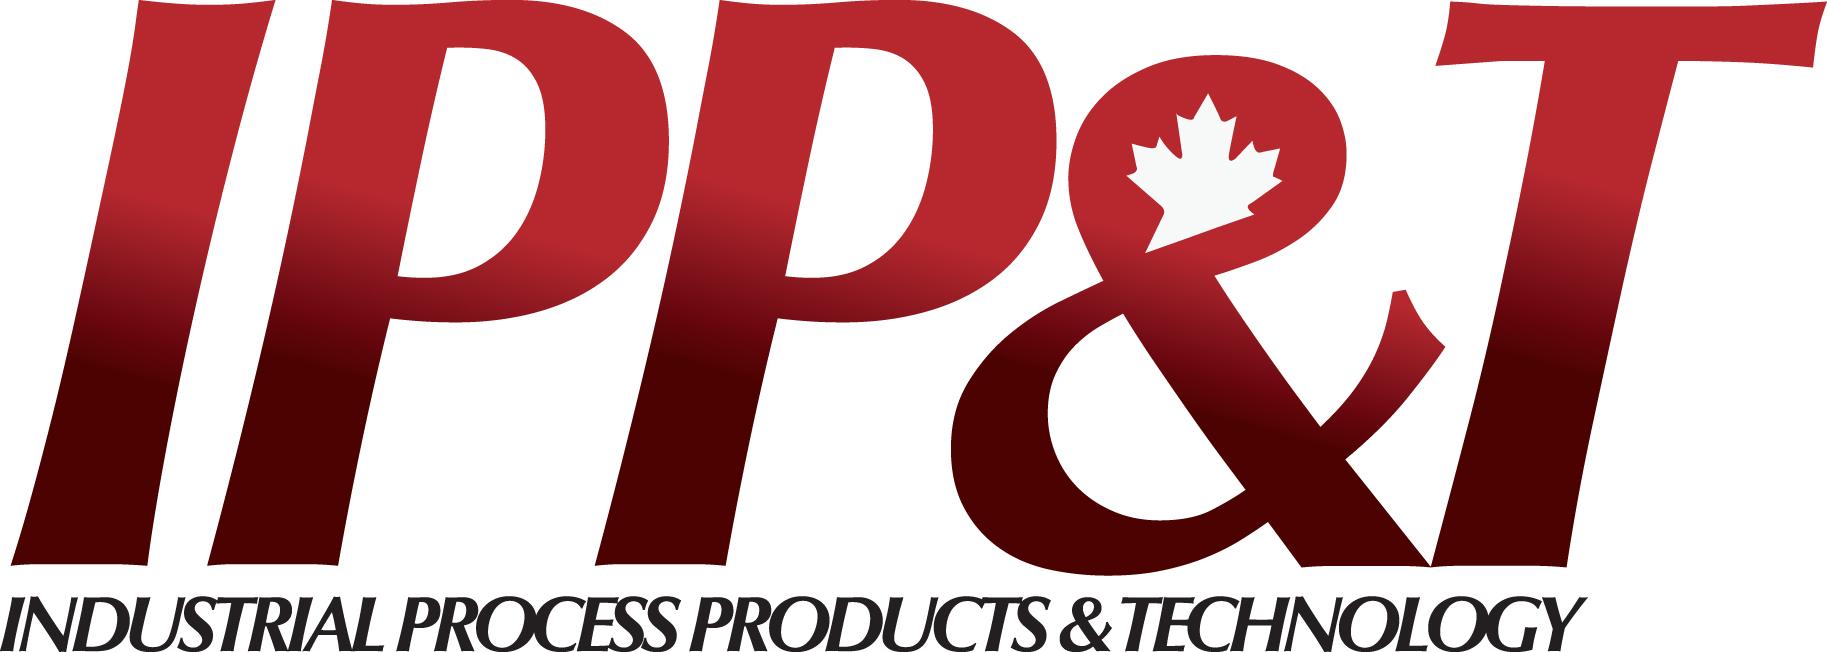 IPP&T Magazine